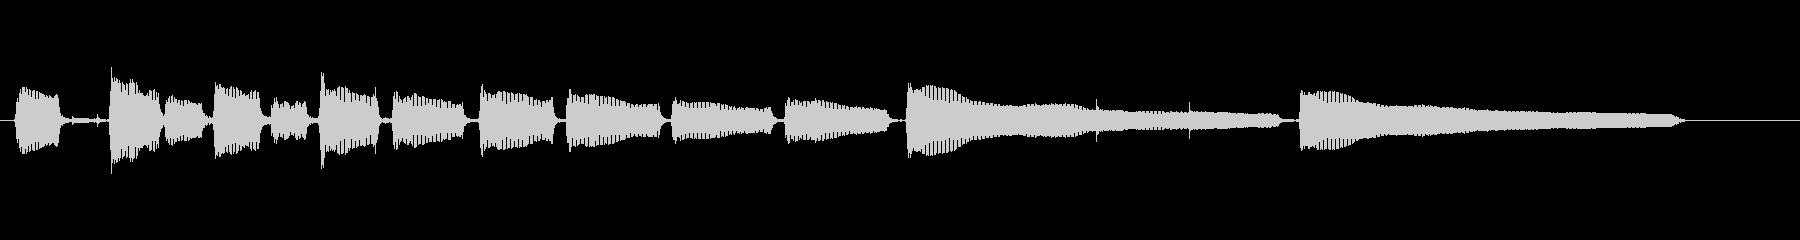 生音エレキギター5弦チューニング3の未再生の波形